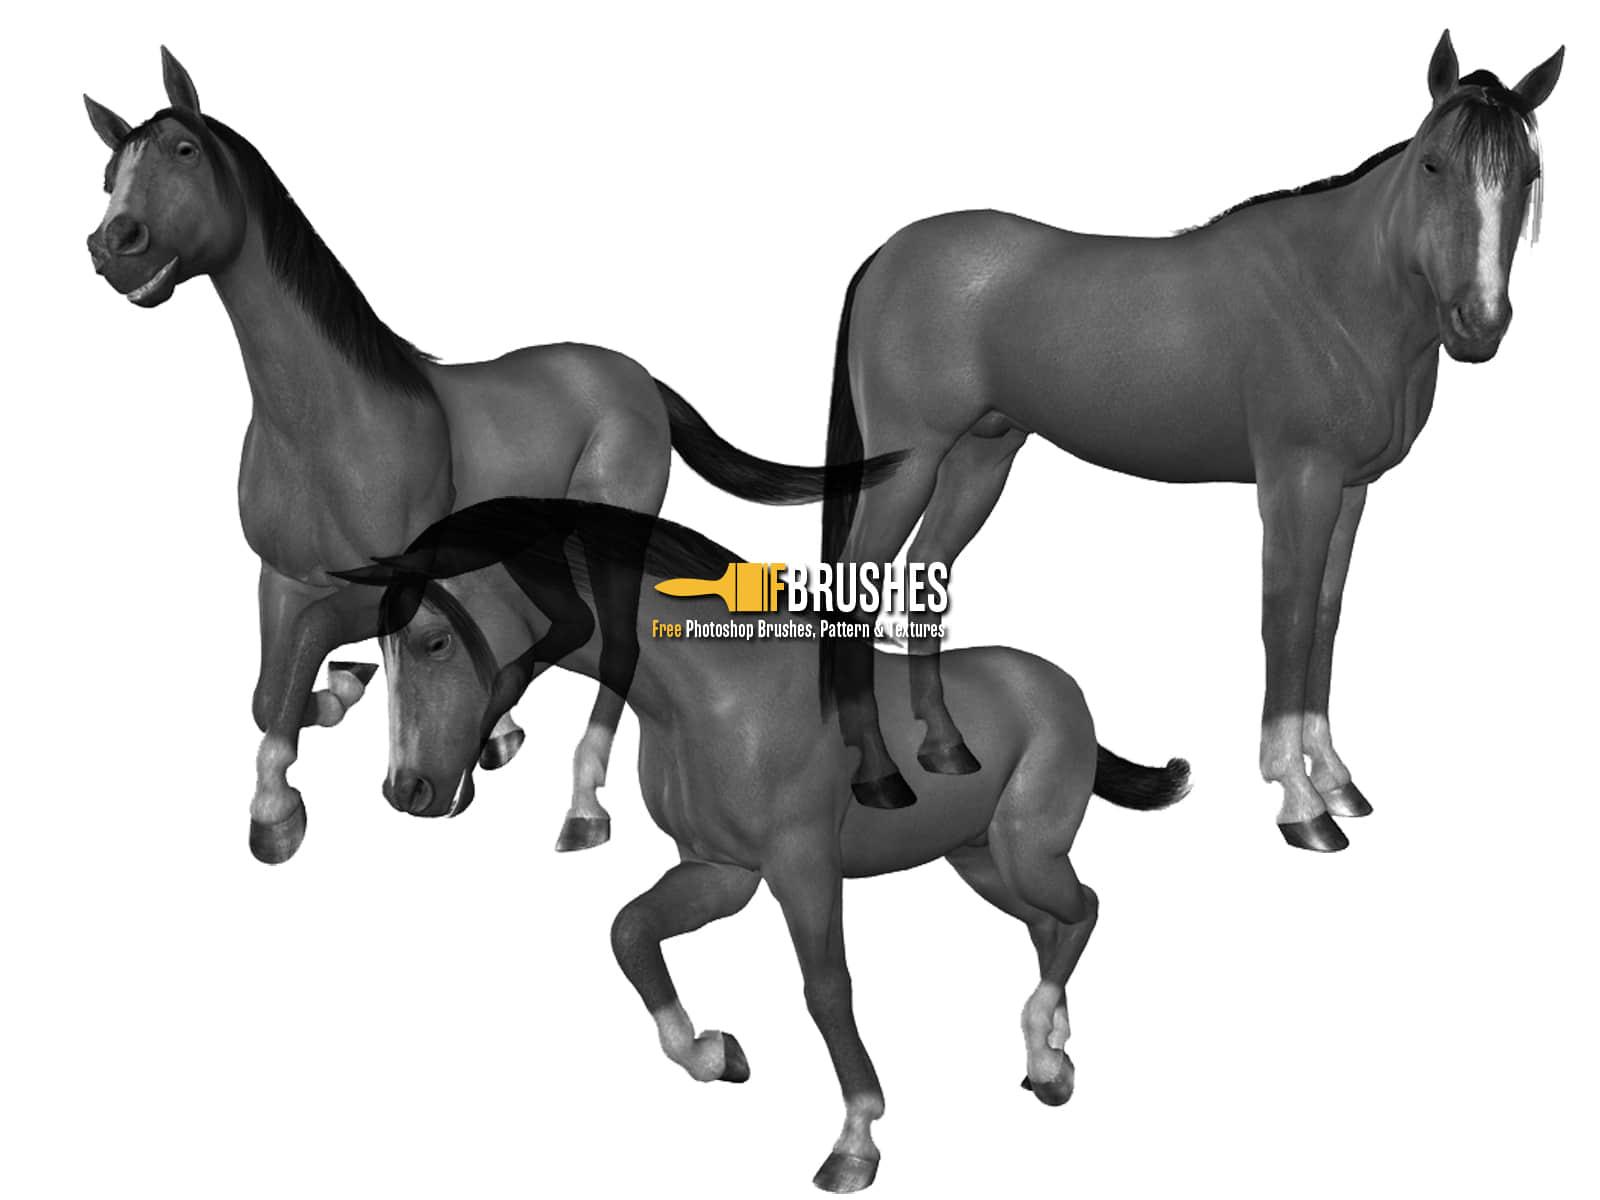 骏马、马匹PS笔刷素材 骏马笔刷 马笔刷 马匹笔刷  %e5%8a%a8%e7%89%a9%e7%ac%94%e5%88%b7